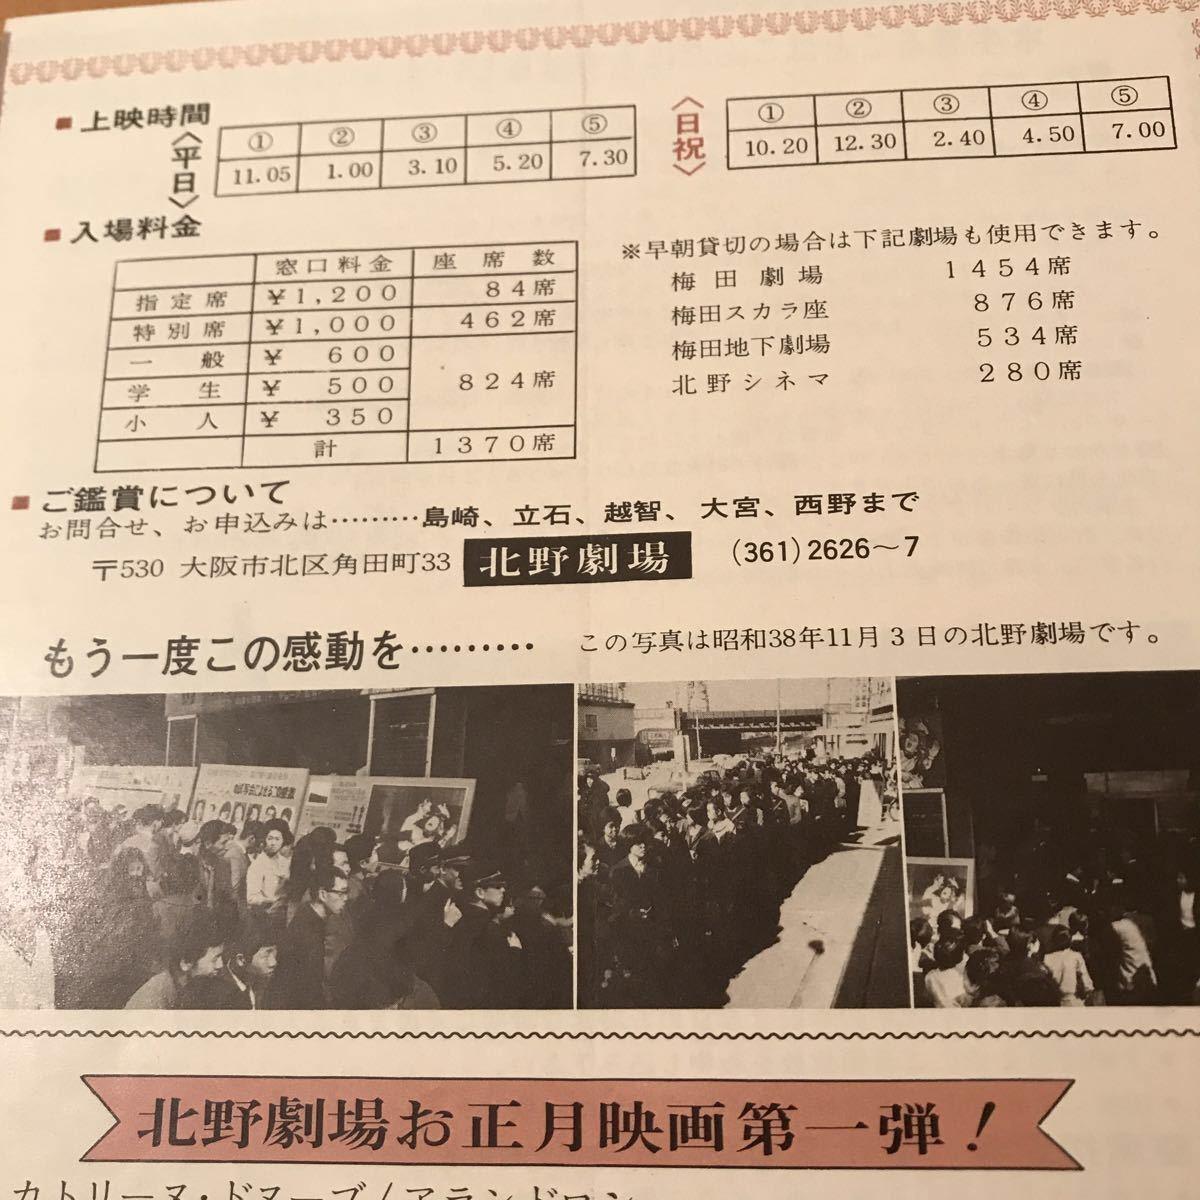 【希少/映画チラシ】『奇跡の人』1963年初公開作品 リバイバル上映時チラシ 通常カラーチラシ&2枚折り四角チラシ 2枚セット _画像7